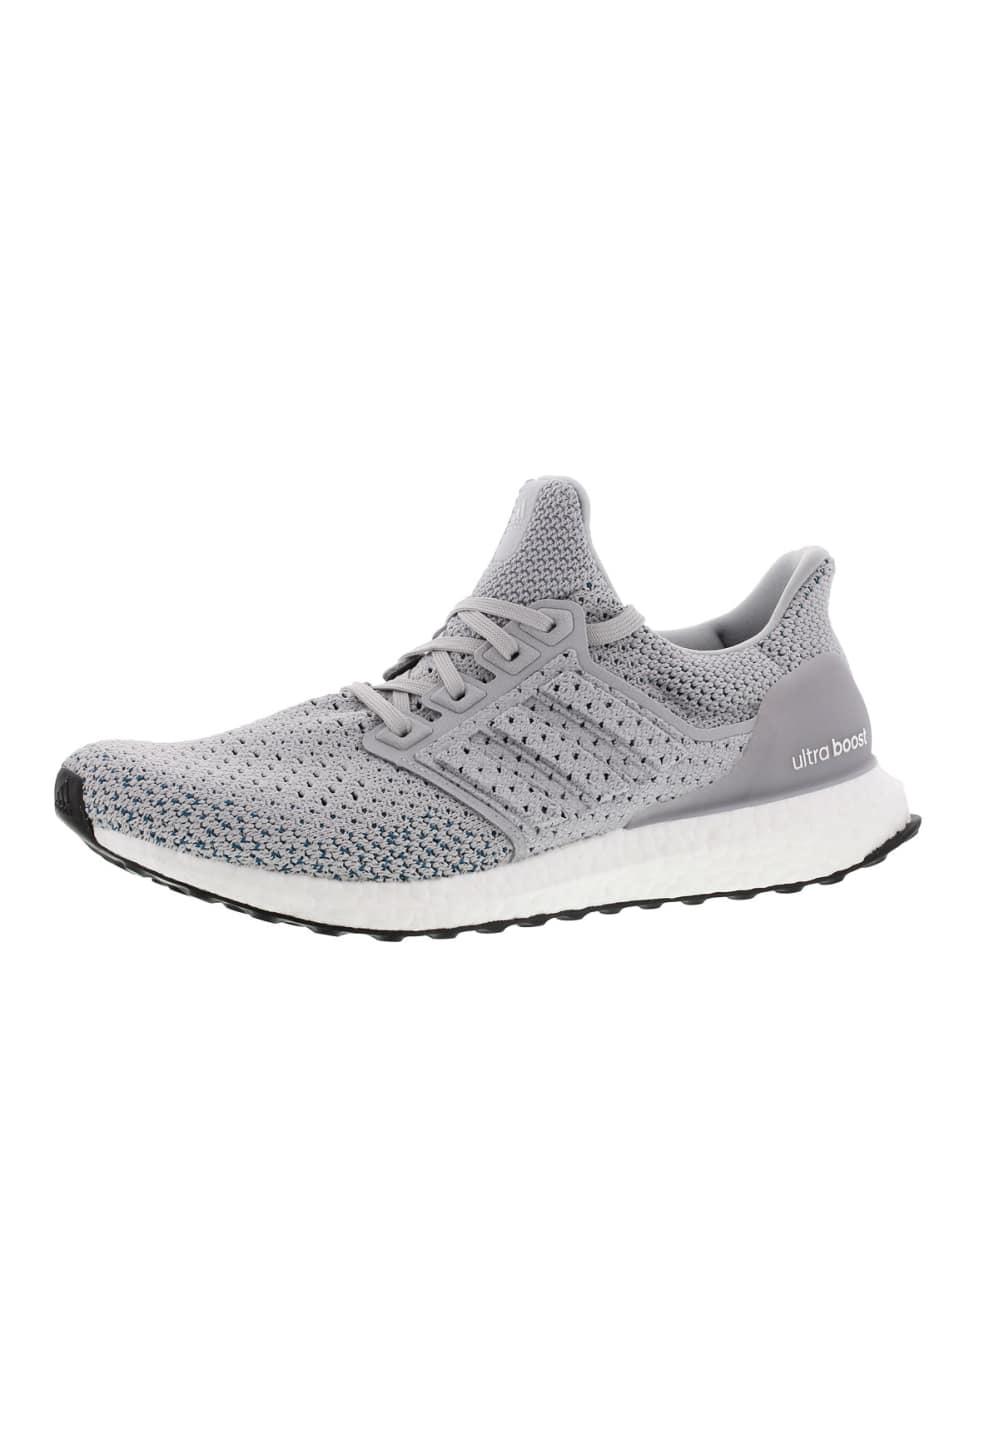 adidas Ultraboost Clima - Zapatillas de running para Hombre - Gris ... a02e0d2181da0